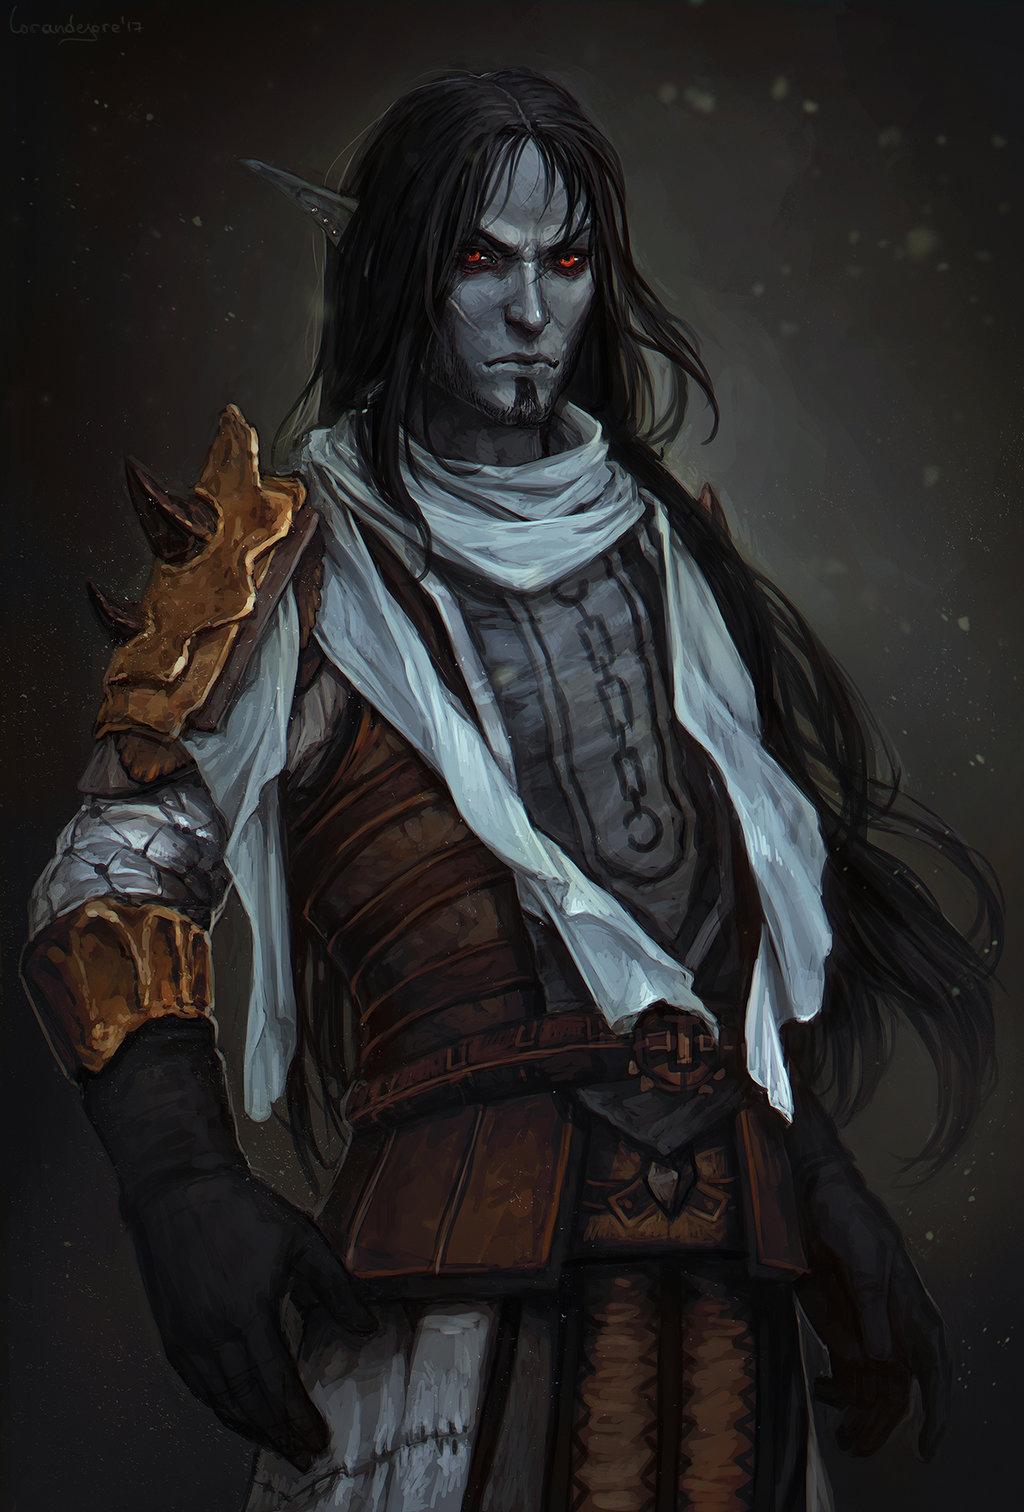 Best 55 Dunmer Wallpaper on HipWallpaper Dunmer Morrowind 1024x1512